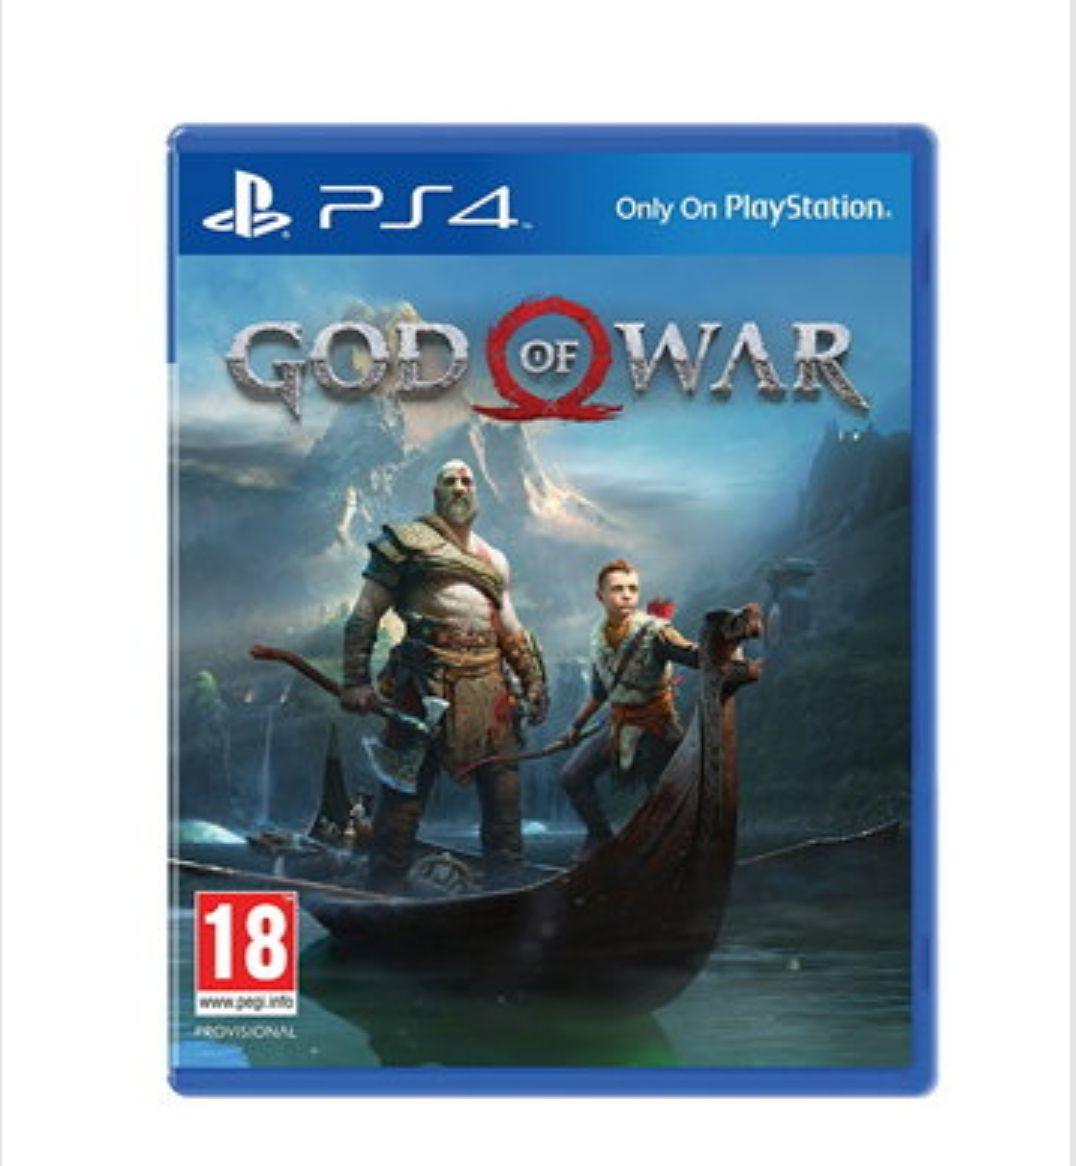 God of War £41.85 PS4 @ base.com